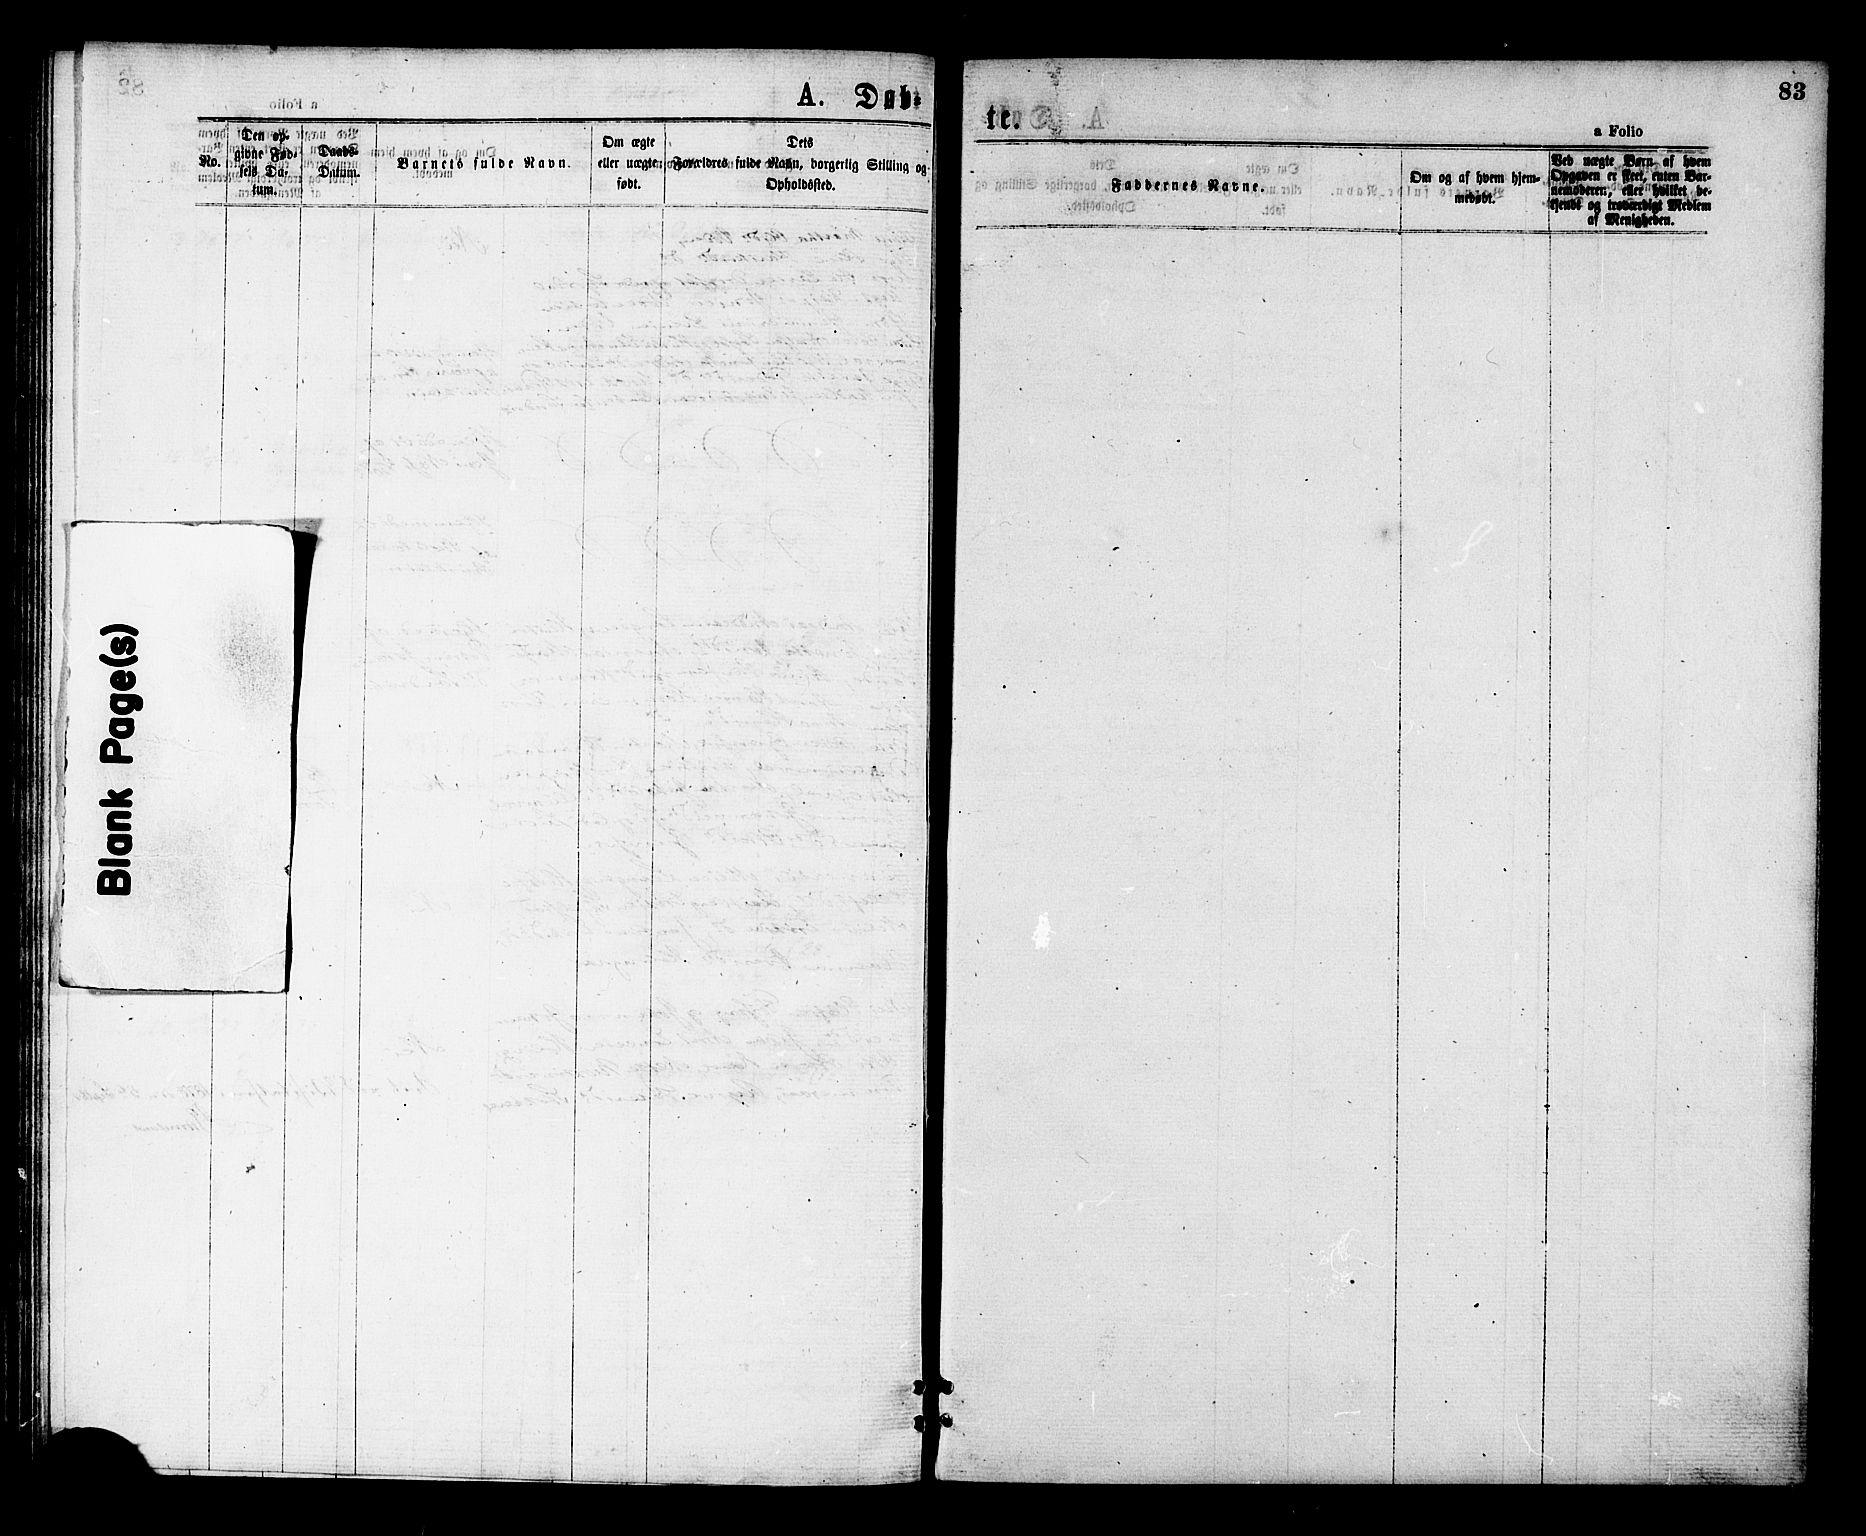 SAT, Ministerialprotokoller, klokkerbøker og fødselsregistre - Nord-Trøndelag, 713/L0118: Ministerialbok nr. 713A08 /2, 1875-1877, s. 83